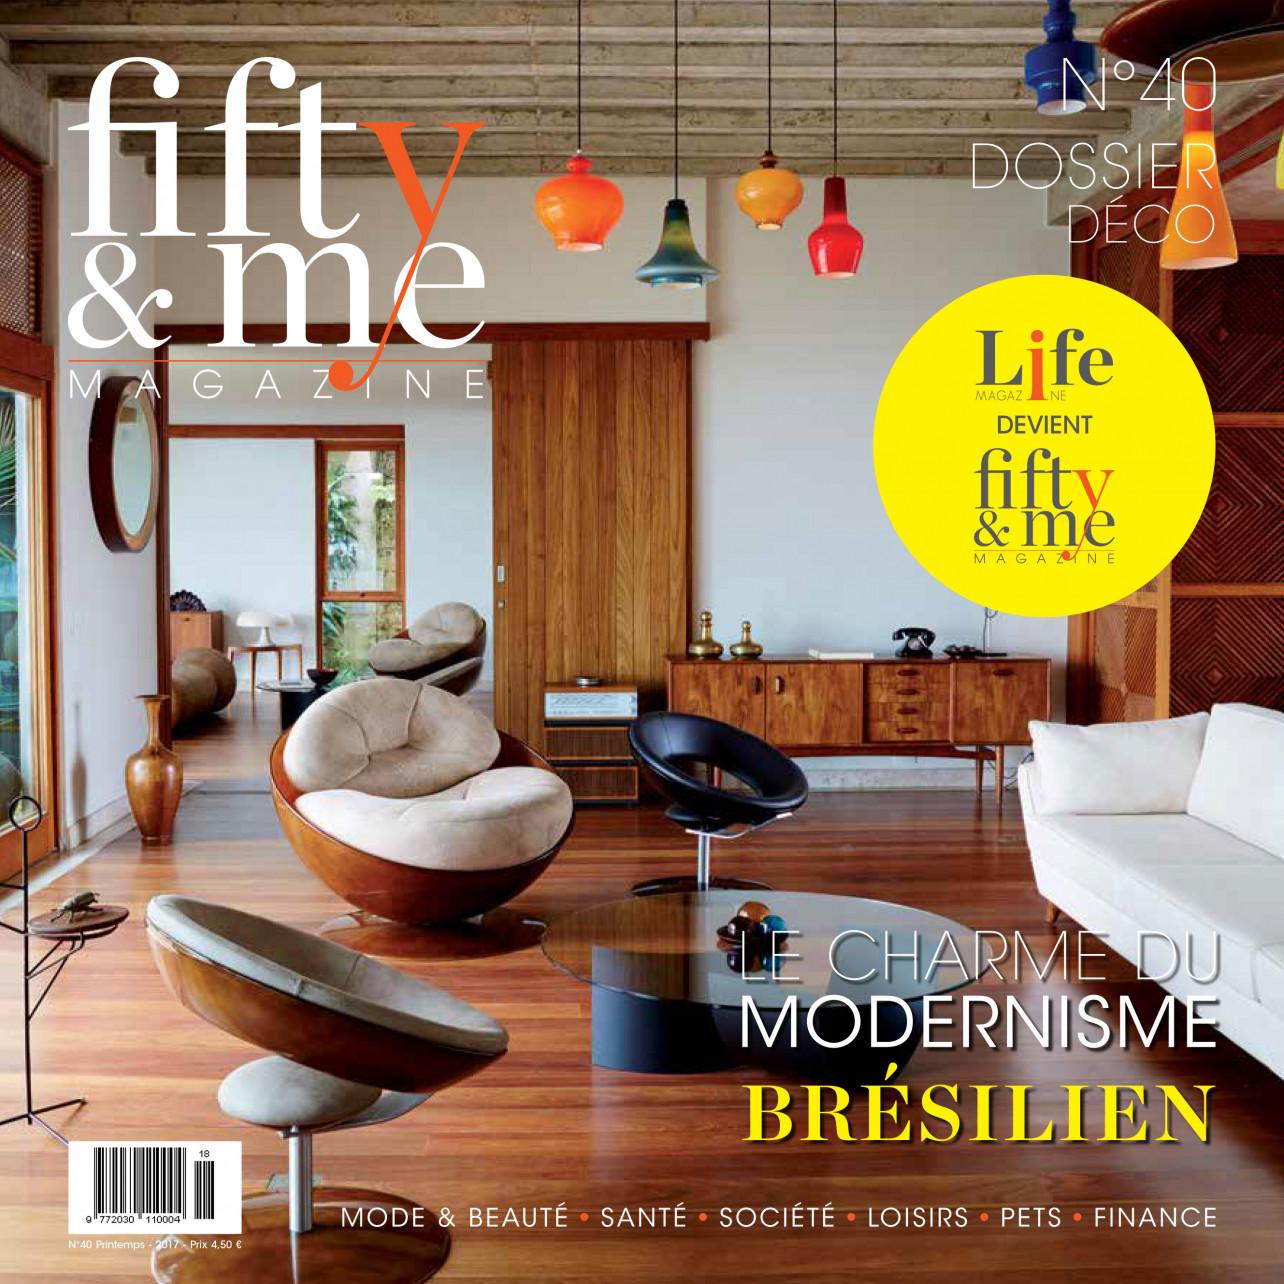 COVER FR.jpg